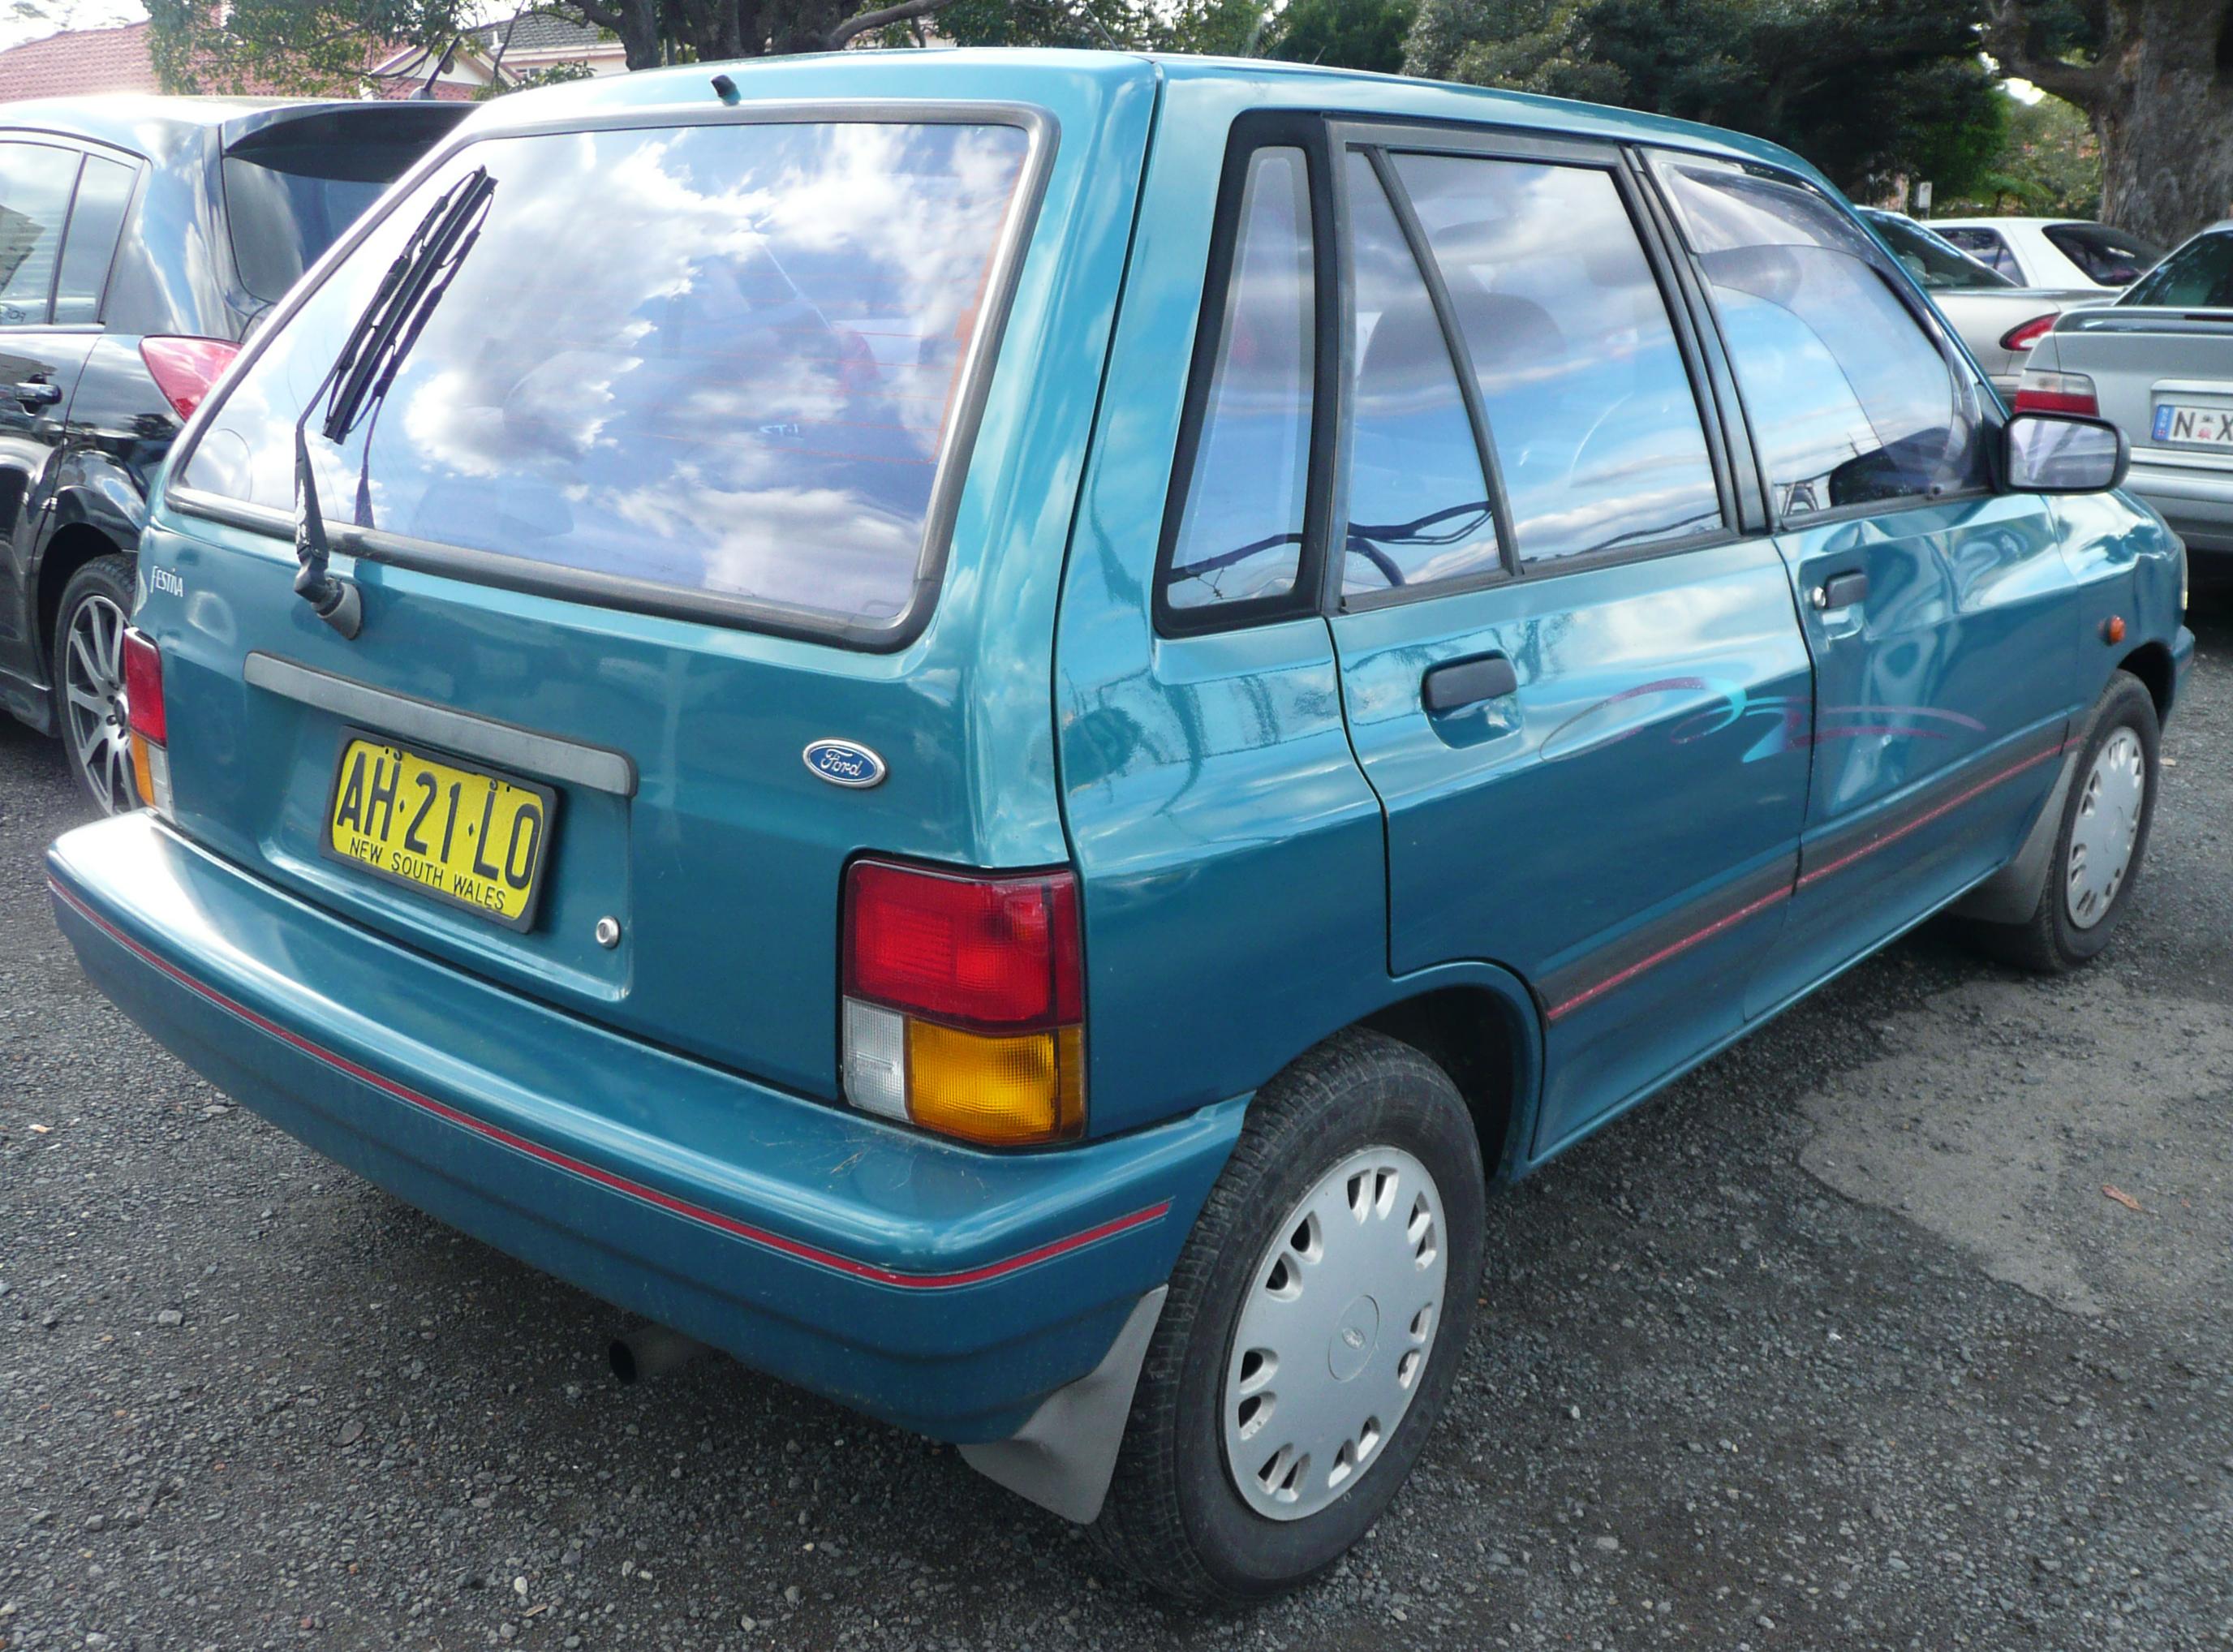 File:1991-1994 Ford Festiva (WA) 5-door hatchback 02 jpg